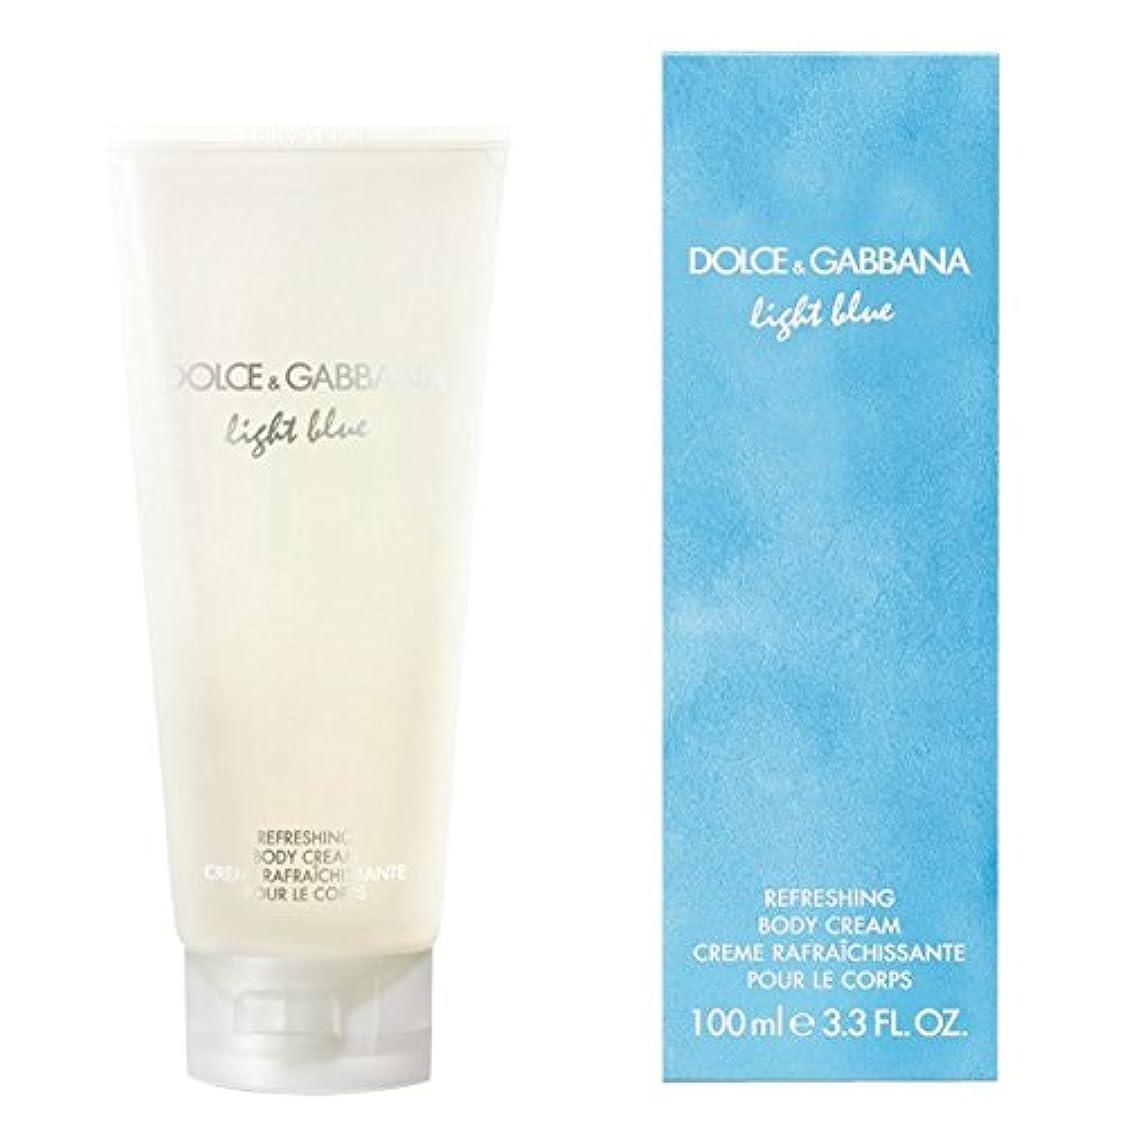 劇的買うフォアマンドルチェ&ガッバーナライトブルーの爽やかなボディクリーム200ミリリットル (Dolce & Gabbana) (x2) - Dolce & Gabbana Light Blue Refreshing Body Cream...